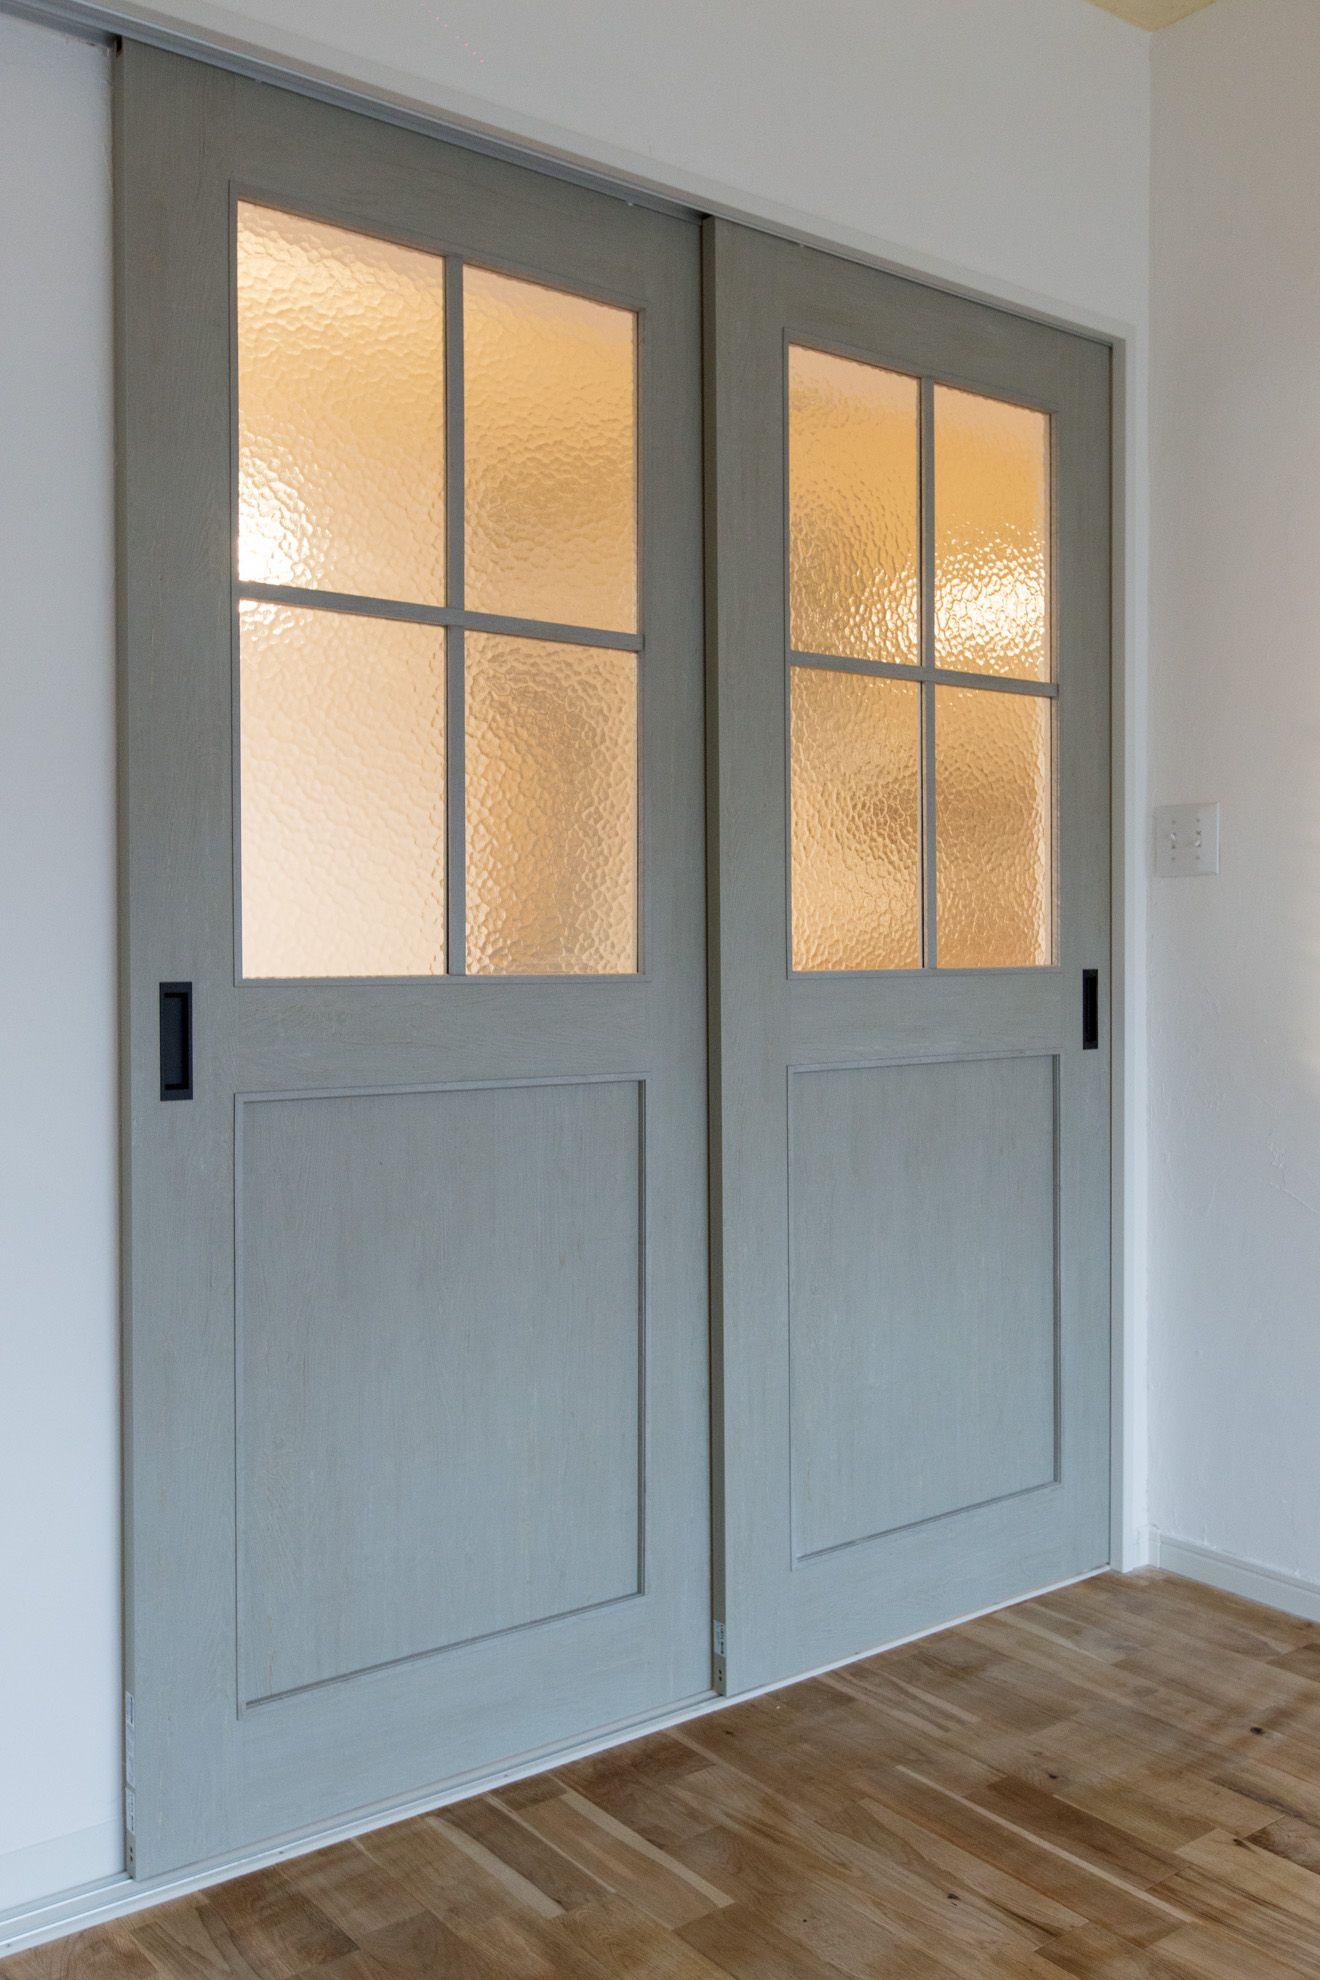 扉です 扉は引き戸で色合いも落ち着いたものとなっています